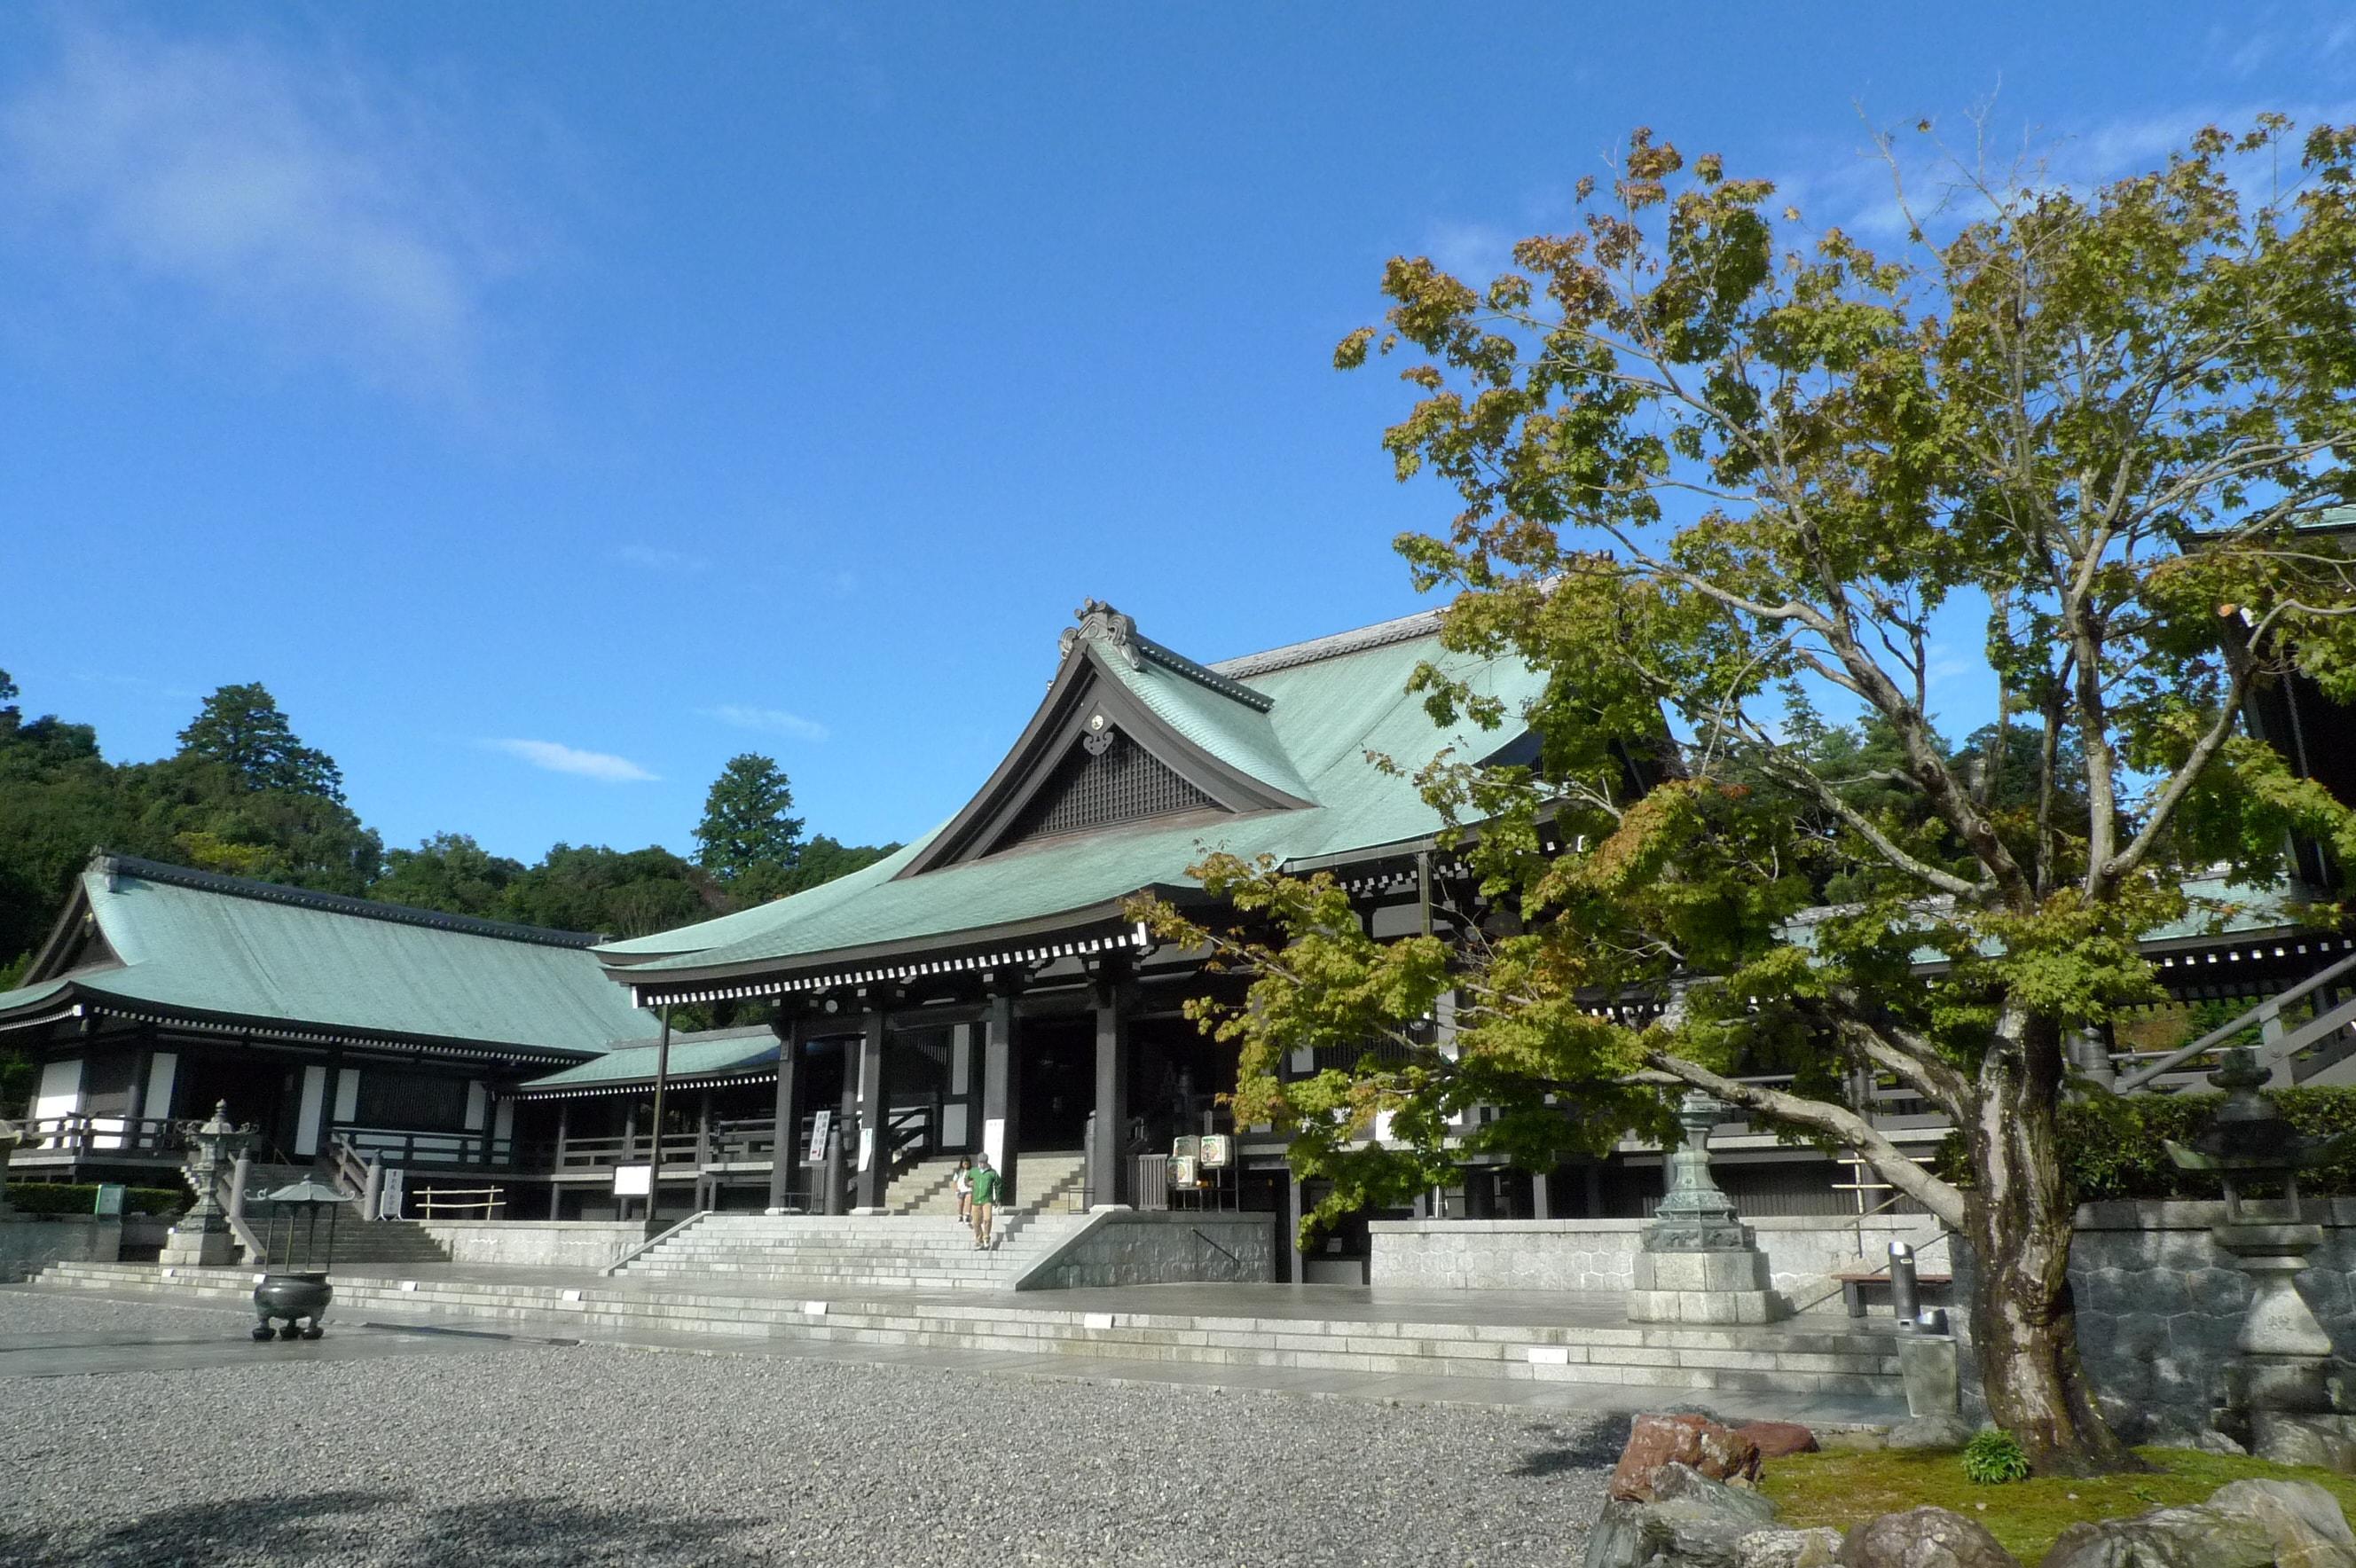 Hattasan Sonei-ji Temple